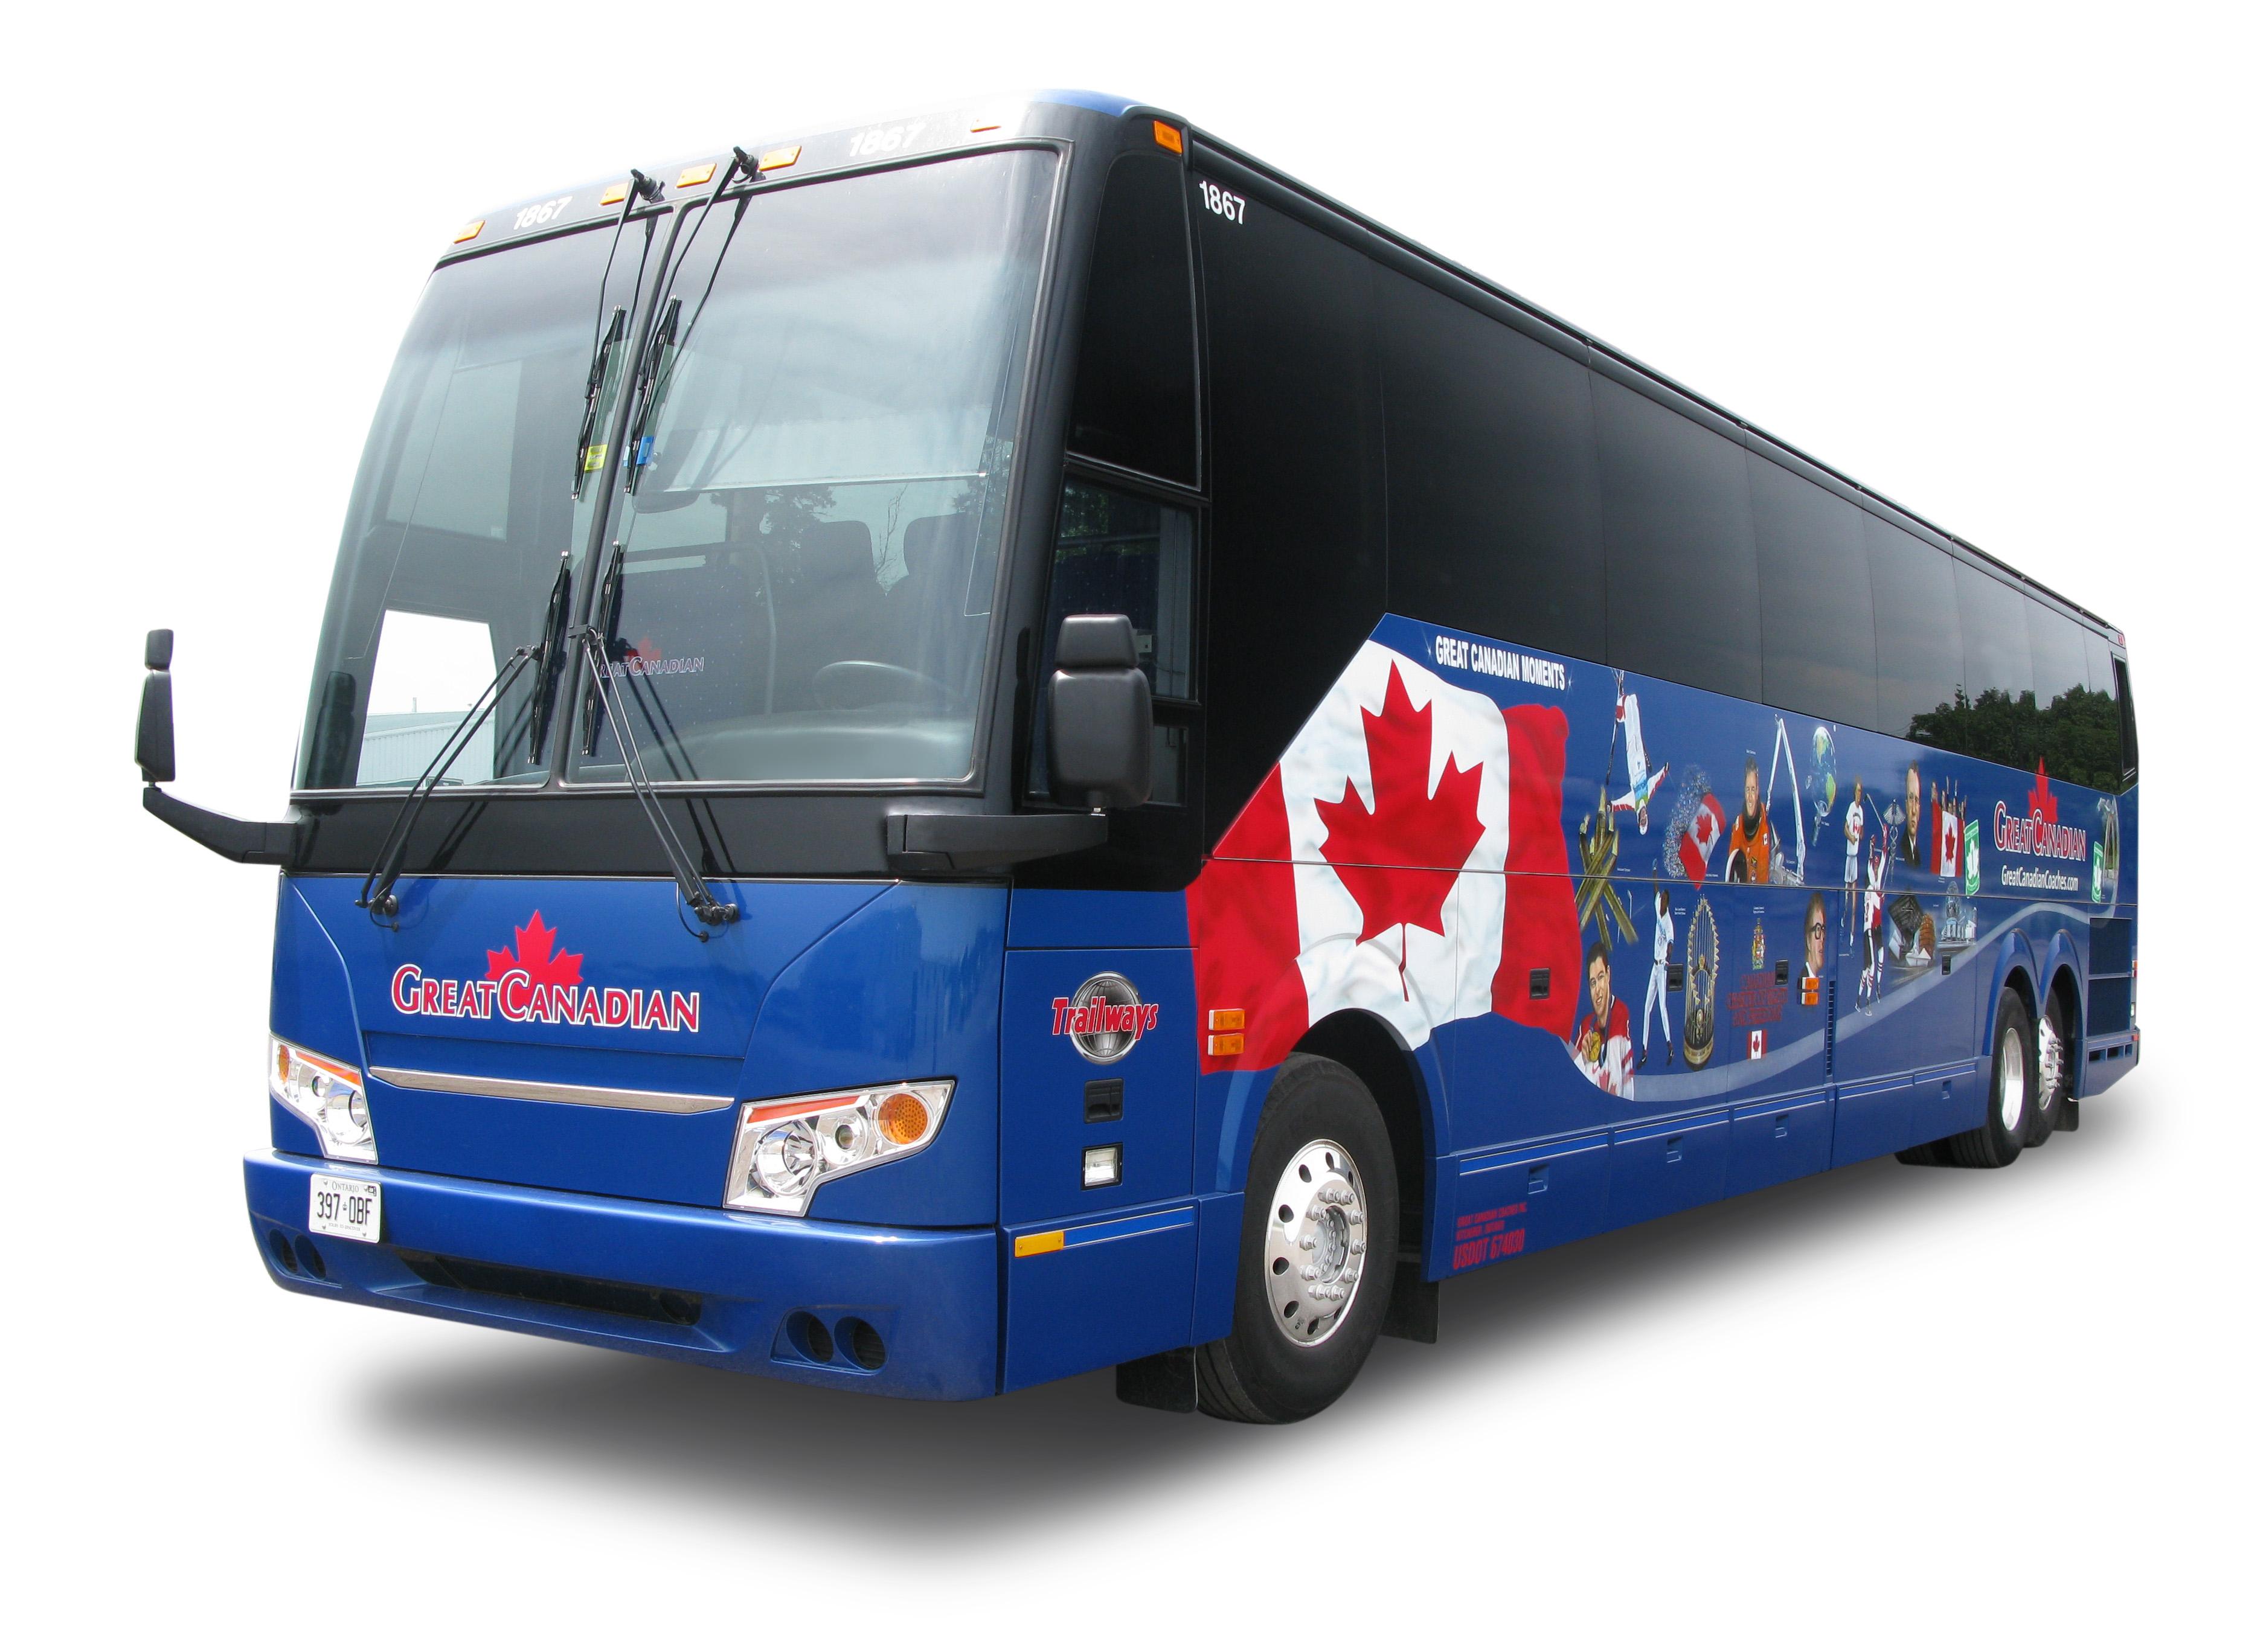 coach canada 3752x2736